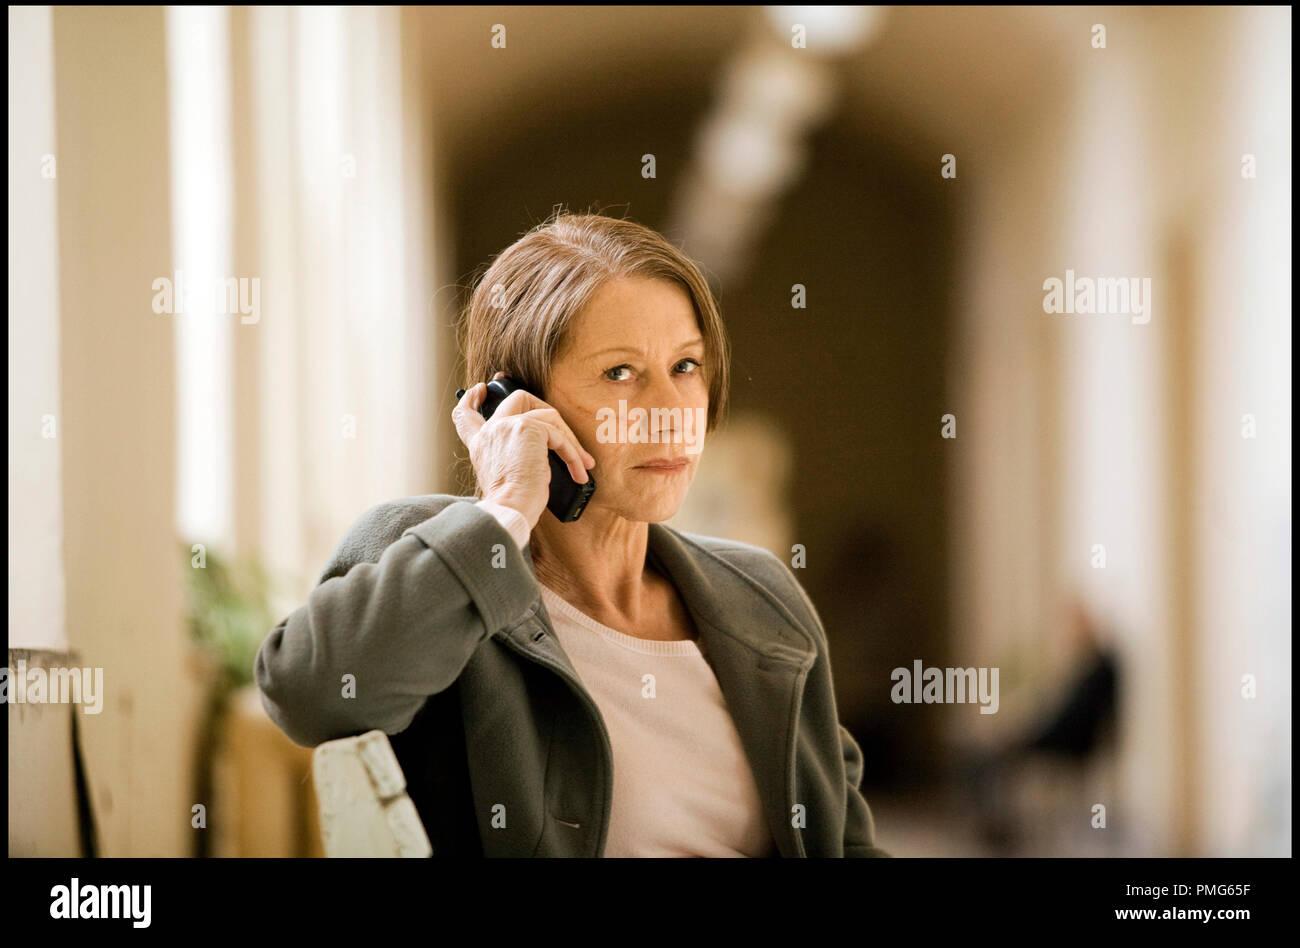 Prod DB © Miramax - Marv Films - Pioneer IMAGES / DR L'AFFAIRE RACHEL SINGER (LA DETTE) de John Madden 2010 États-Unis avec Helen Mirren remake du film LA DETTE (LA DETTE/HA-HOV) de Assaf Bernstein 2007 ISR. Photo Stock